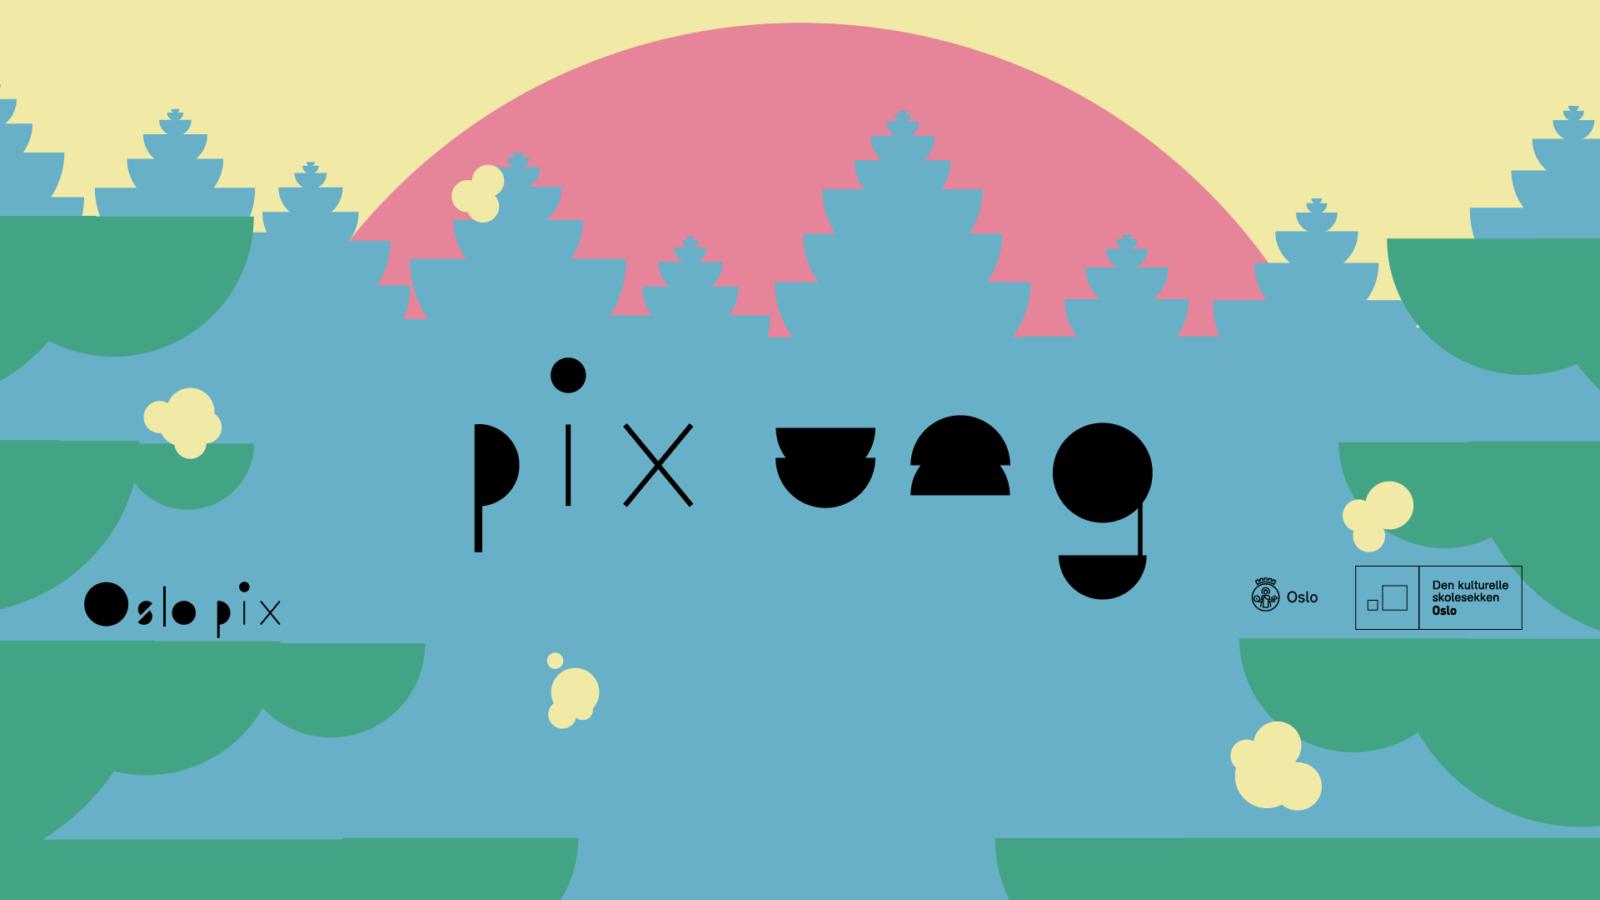 PIXUNG web 1